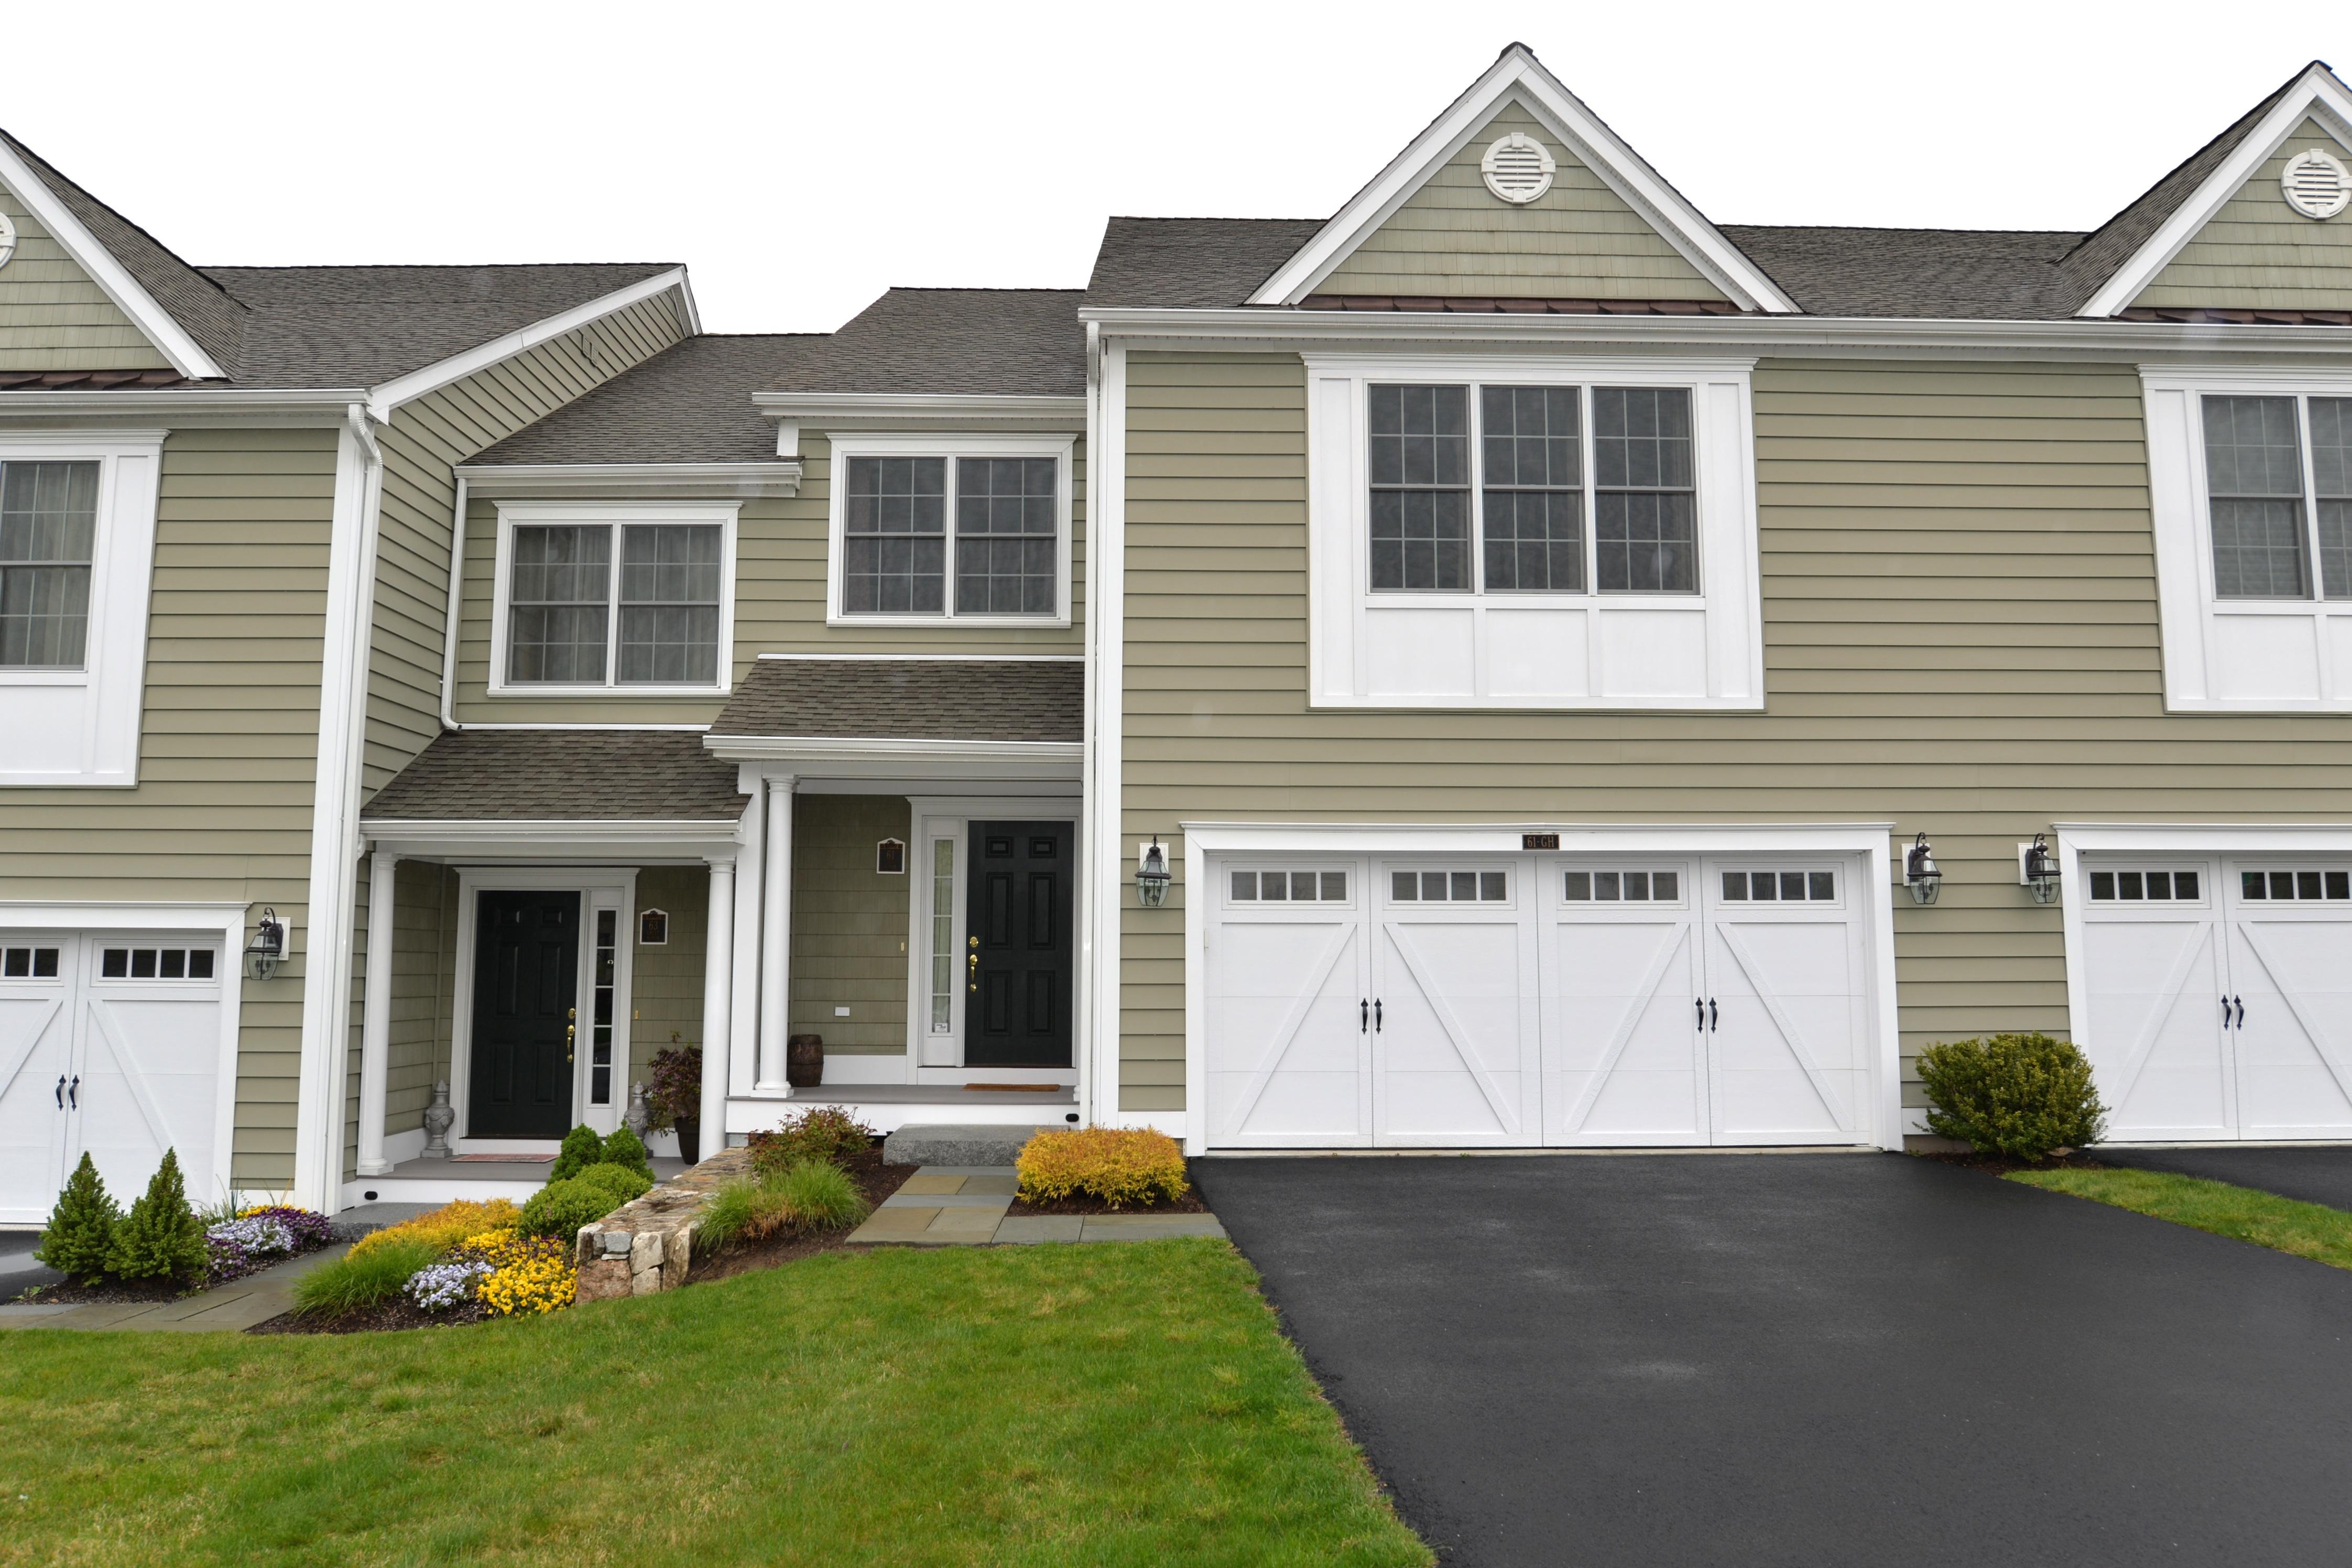 联栋屋 为 销售 在 Newbury Village Townhouse 61 Great Heron Lane 61 布鲁克菲尔德, 康涅狄格州 06804 美国